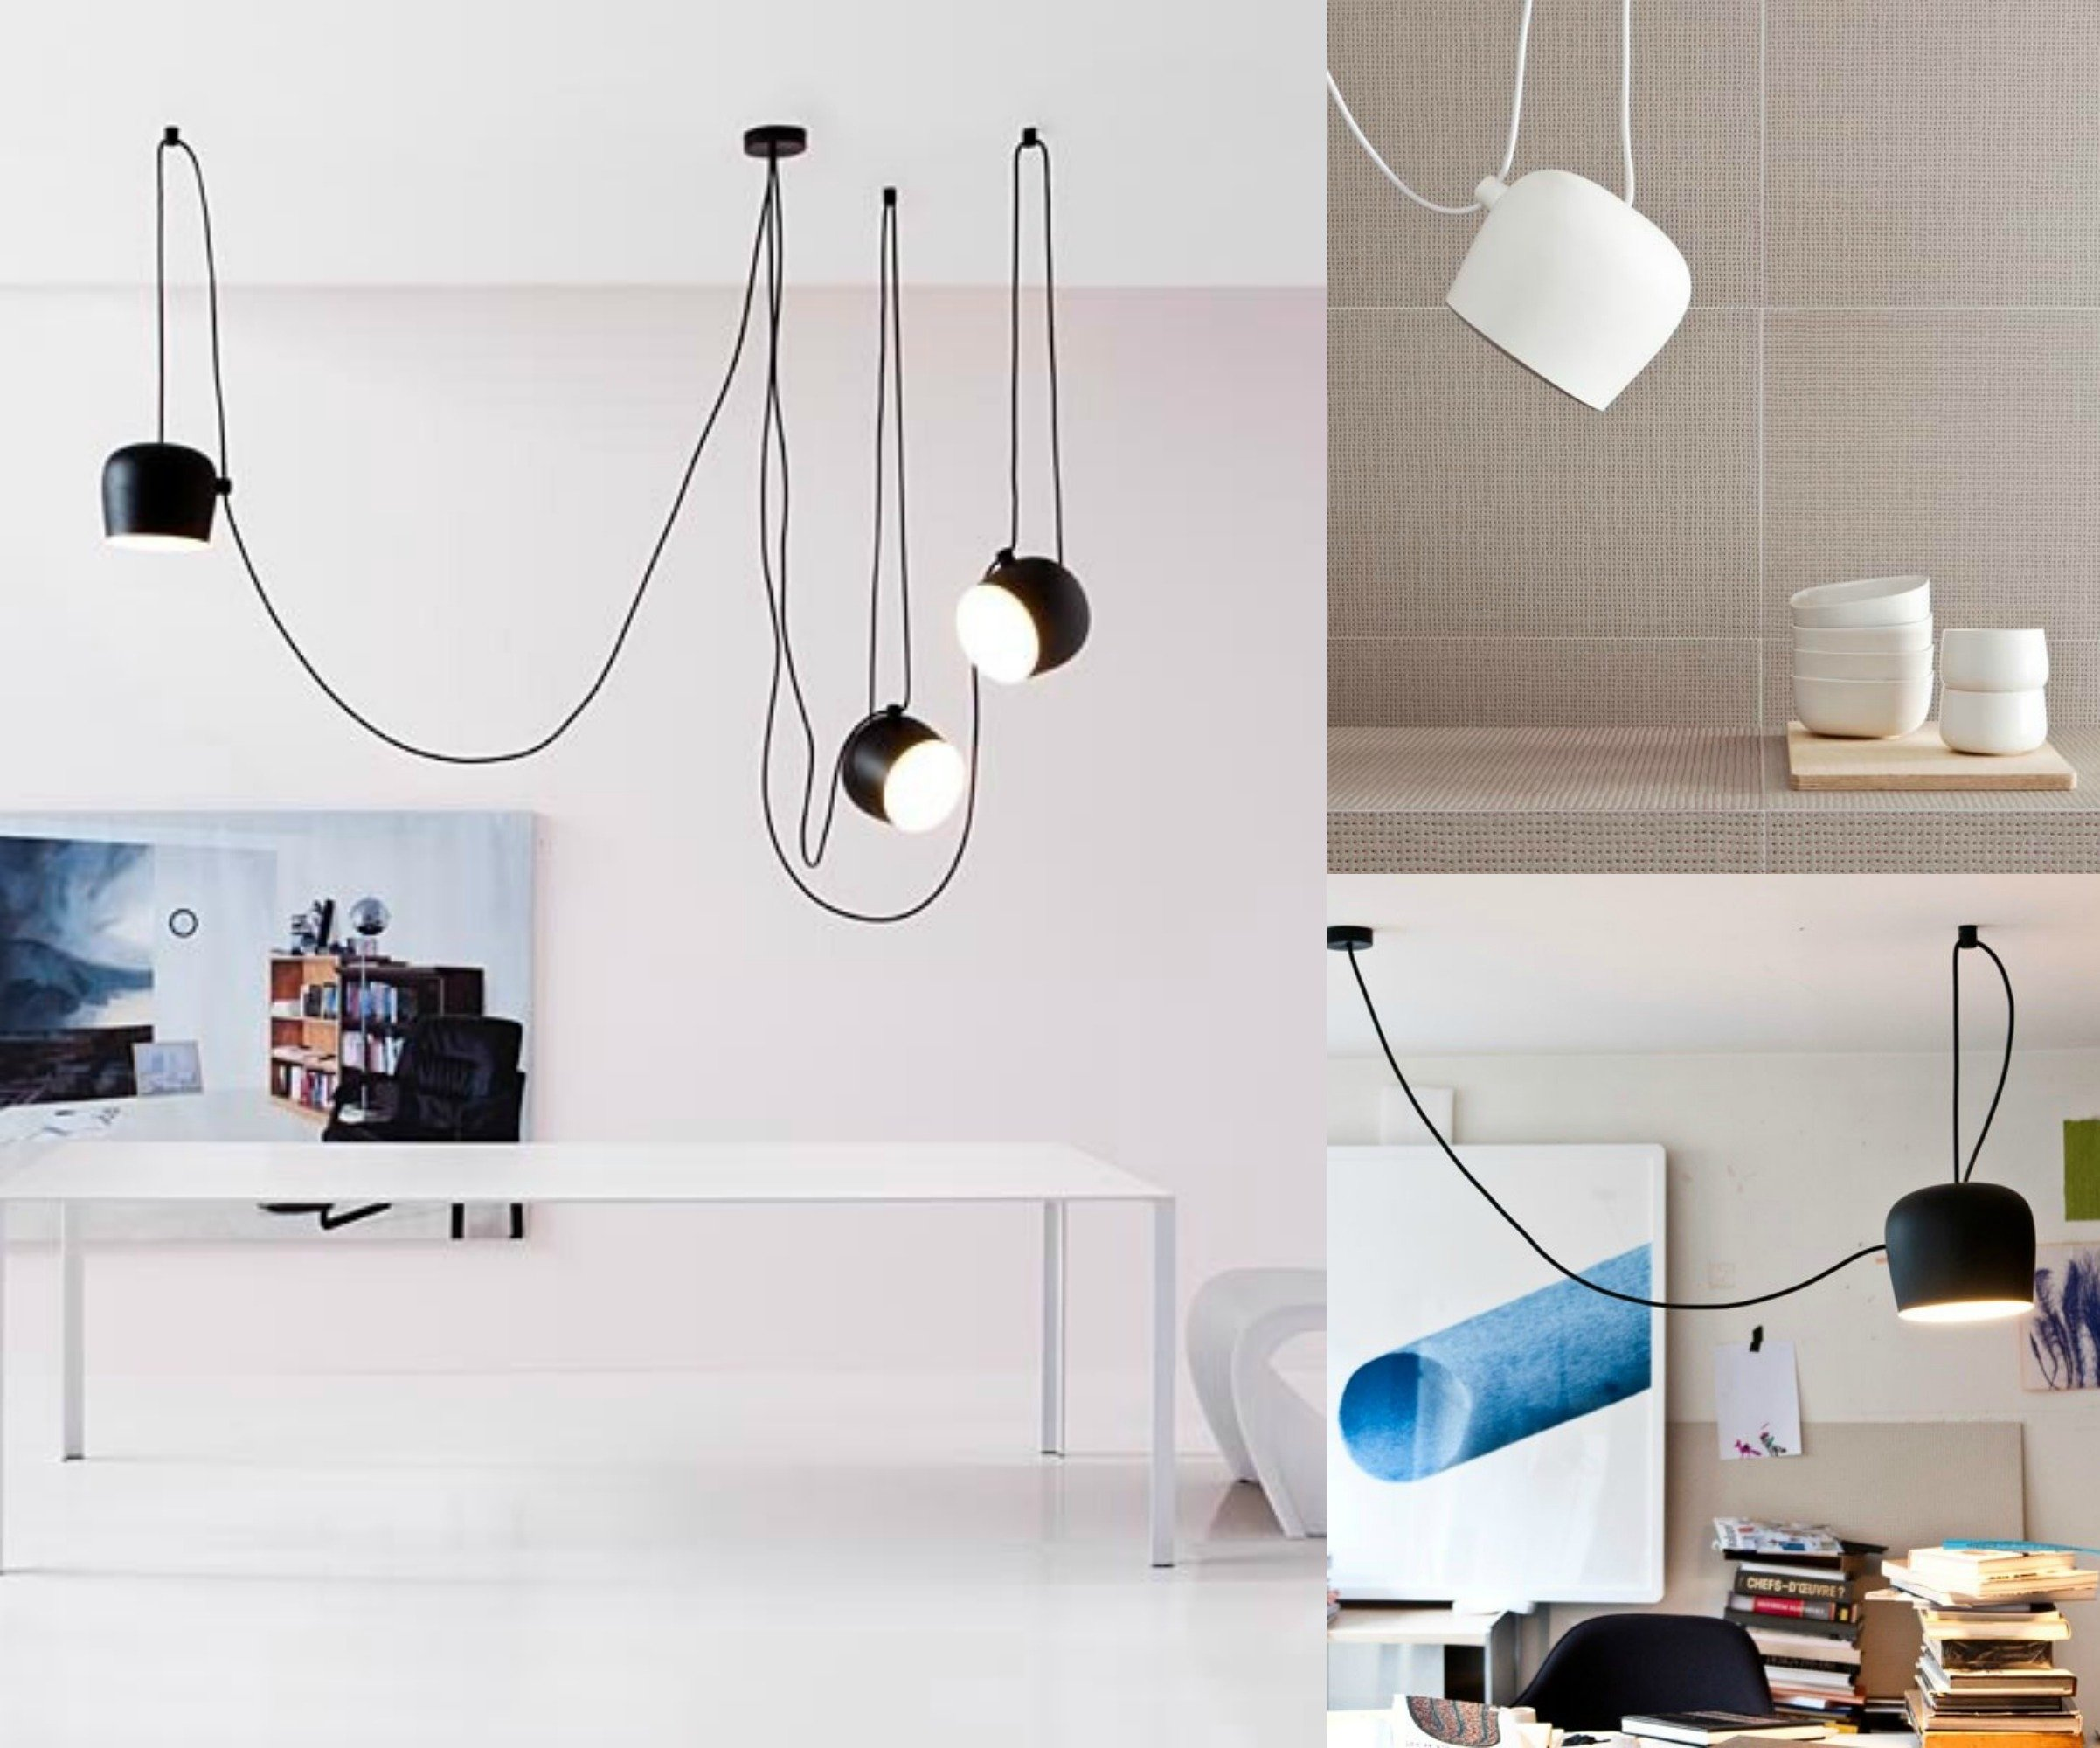 Lampade a sospensione filo colorato design casa creativa - Plafoniere bagno ikea ...